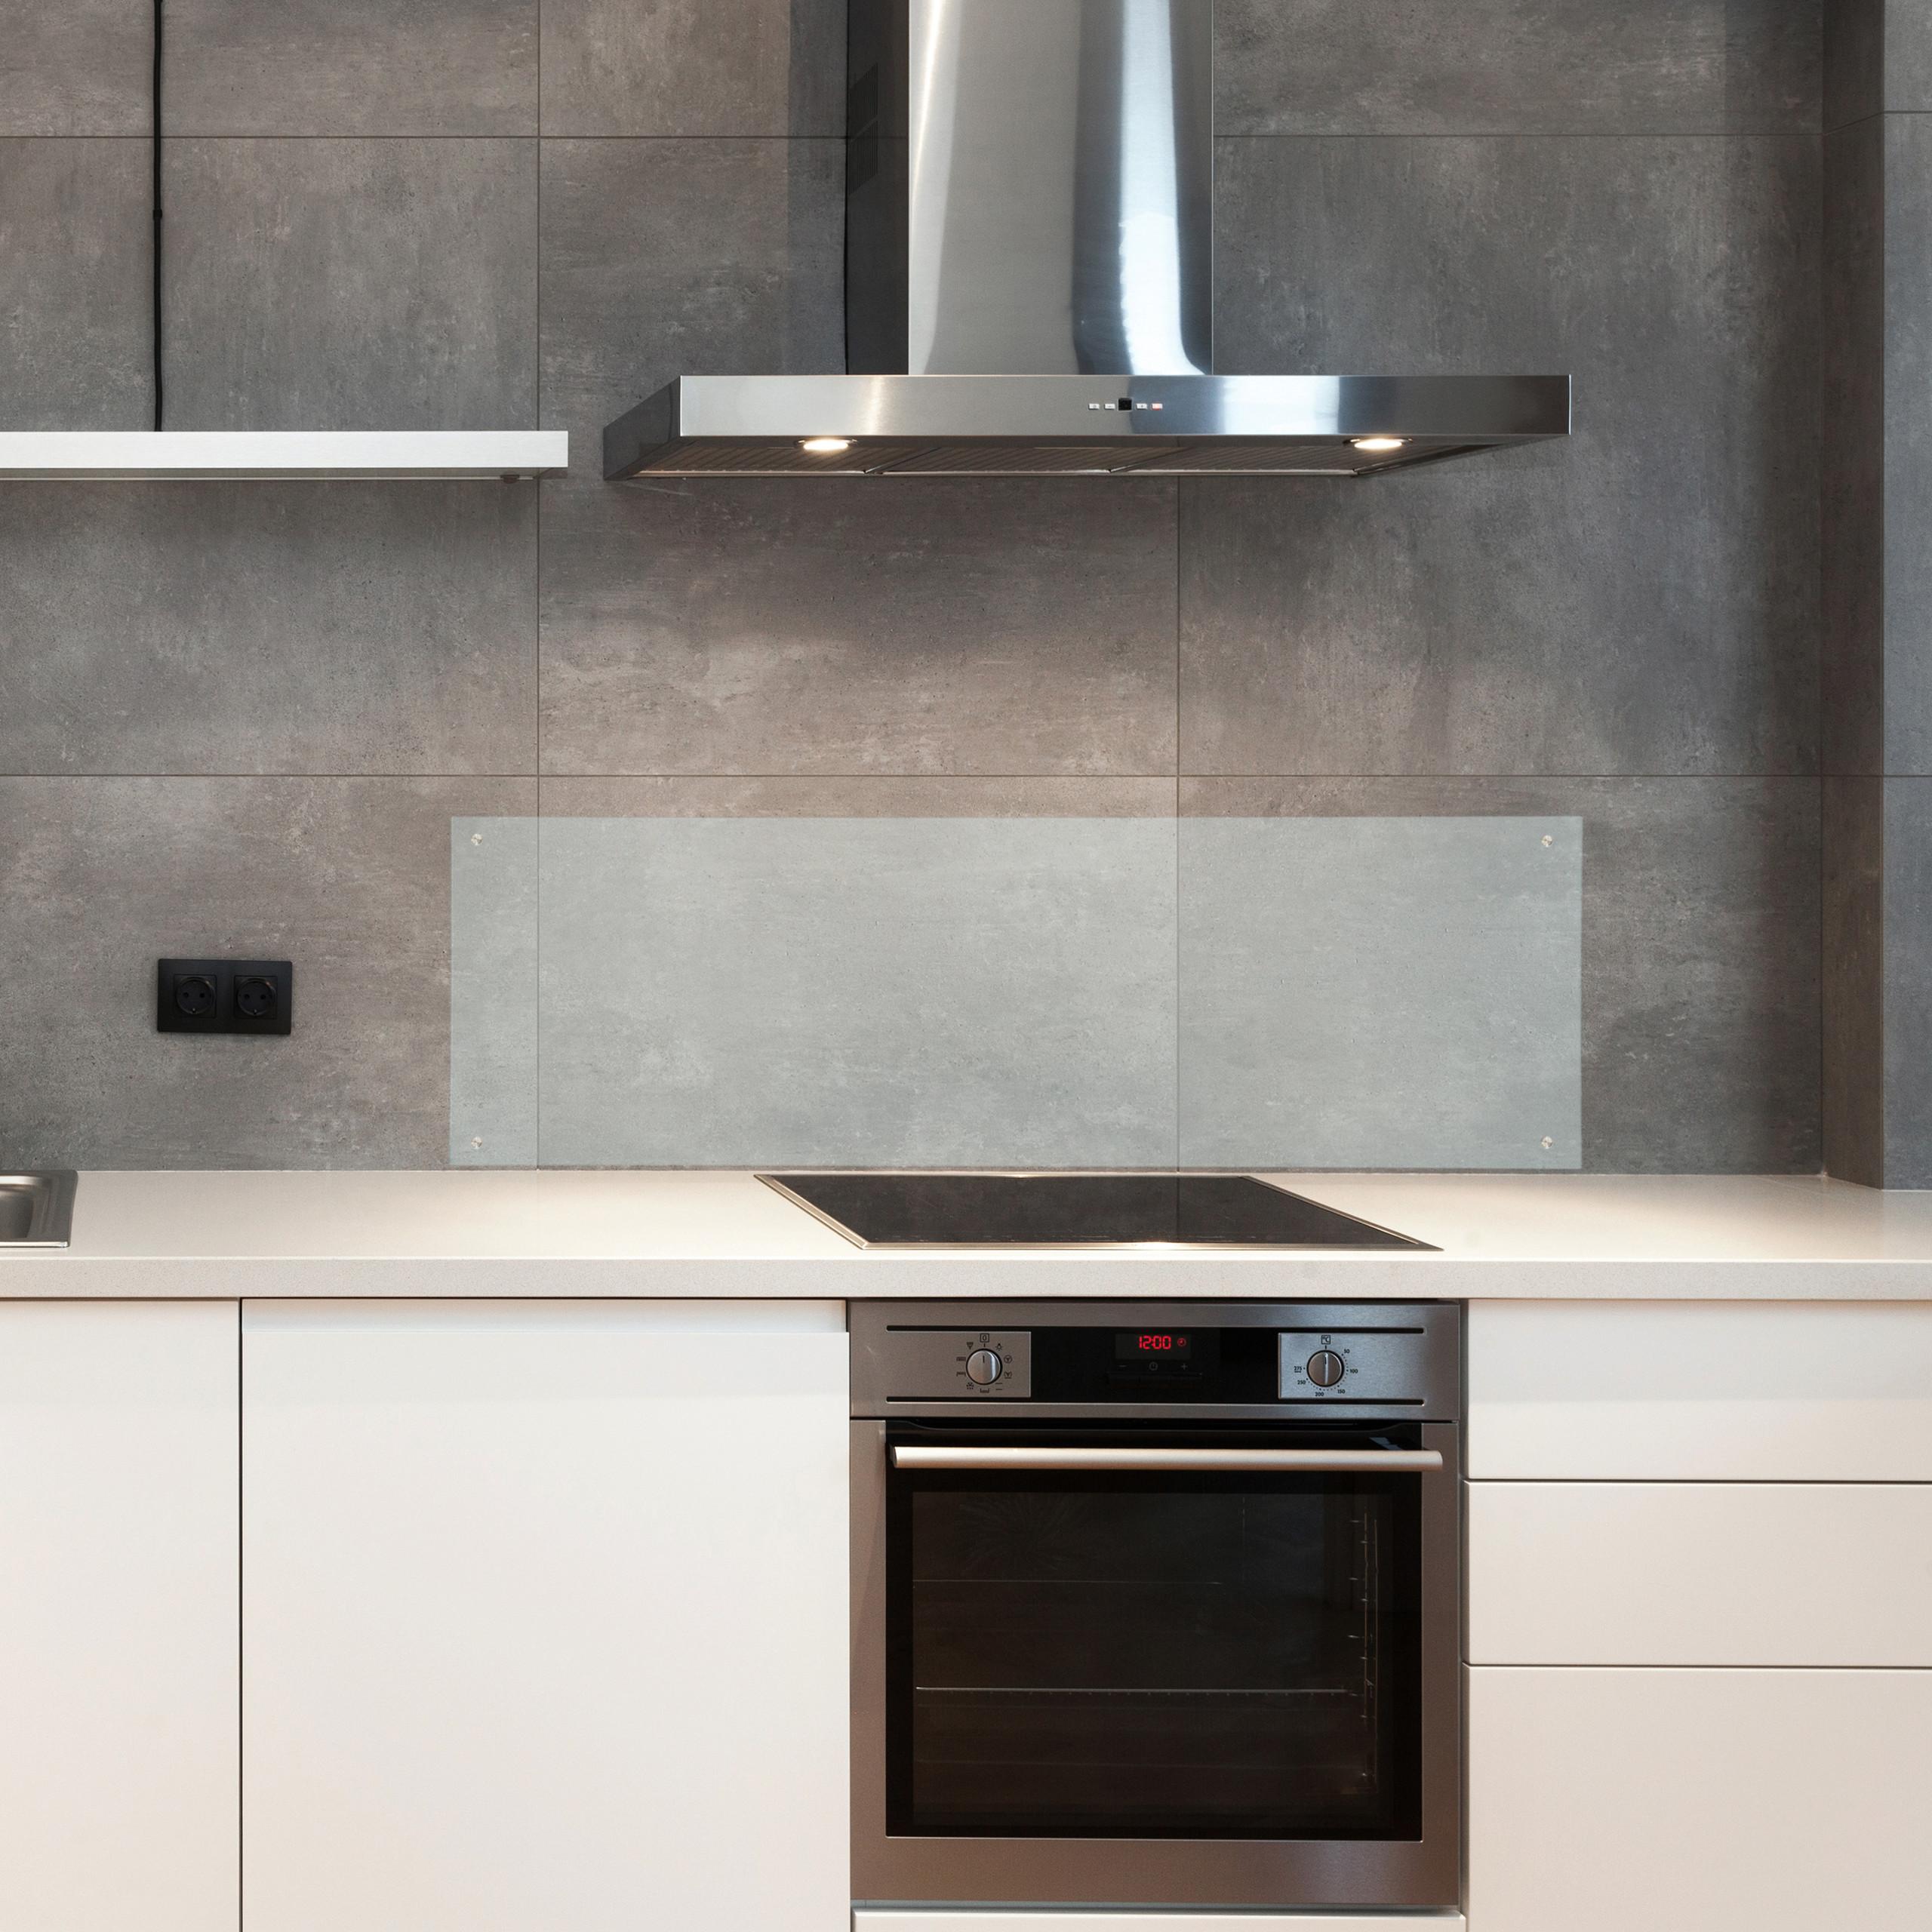 Spritzschutz Küche Glas Fliesenschutz Nischenrückwand Küchenwandschutz 120 cm   eBay